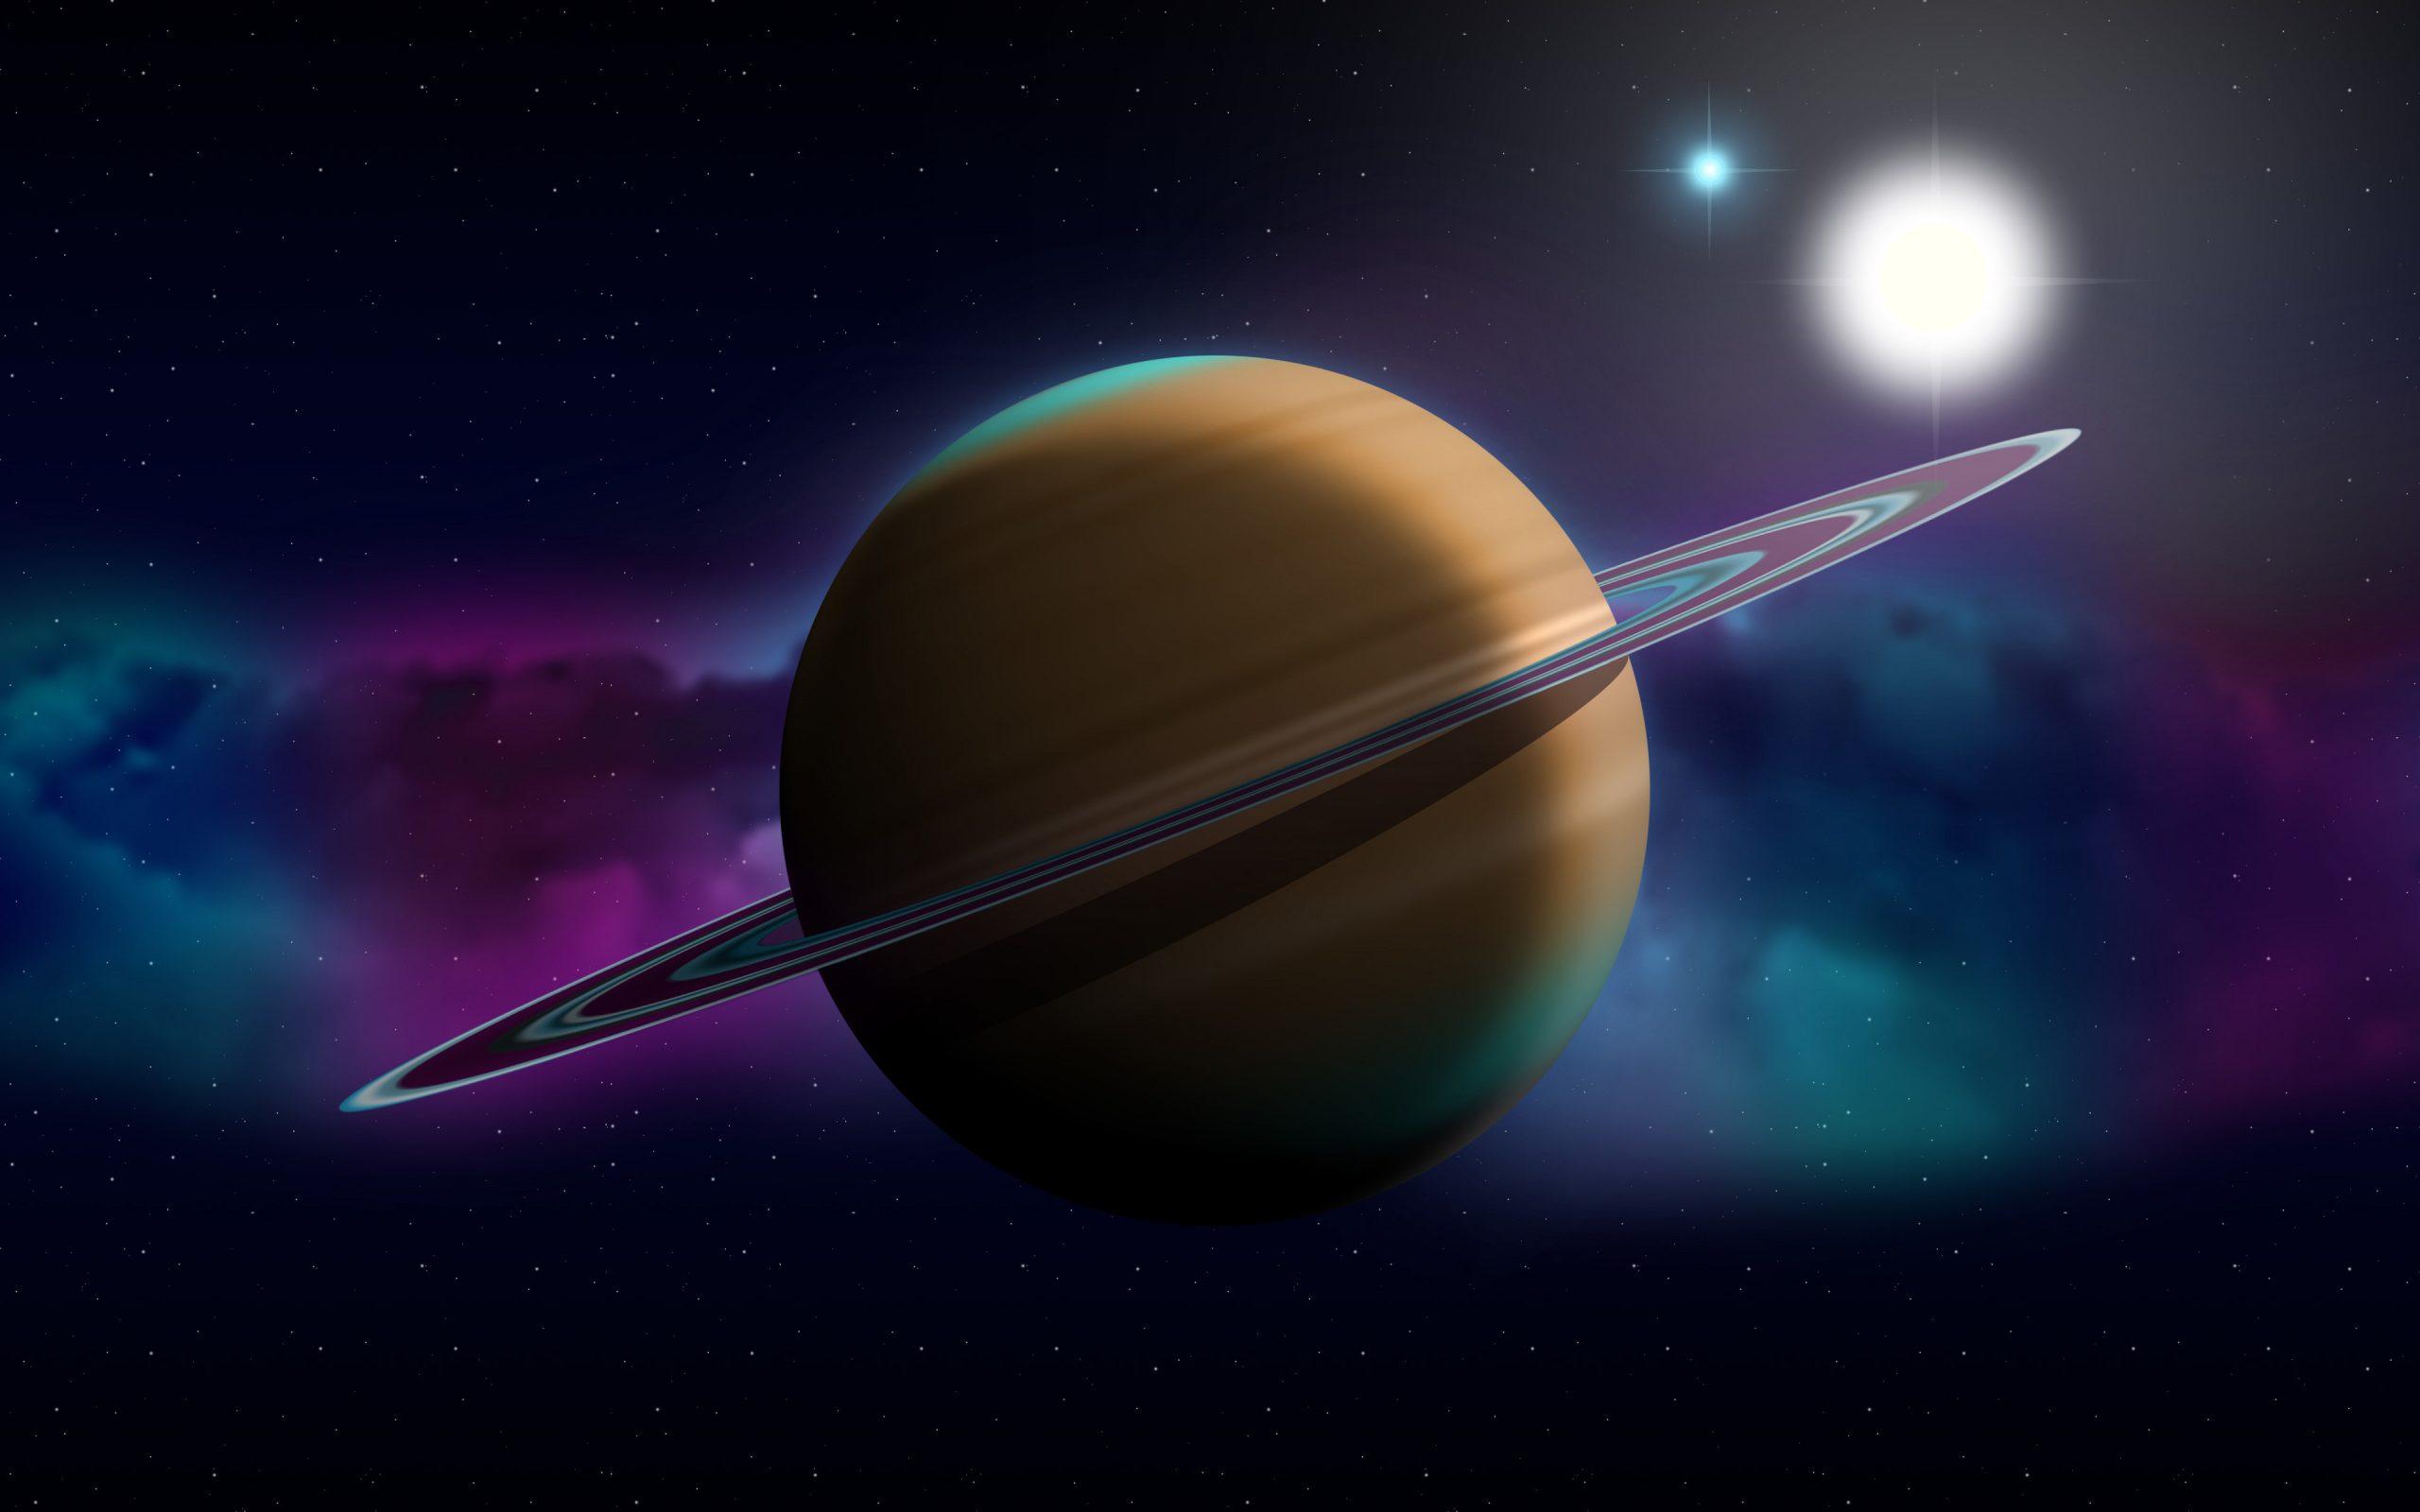 Télécharger Fonds D'écran 4K, Saturne, Art 3D, Nébuleuse à Saturne Dessin